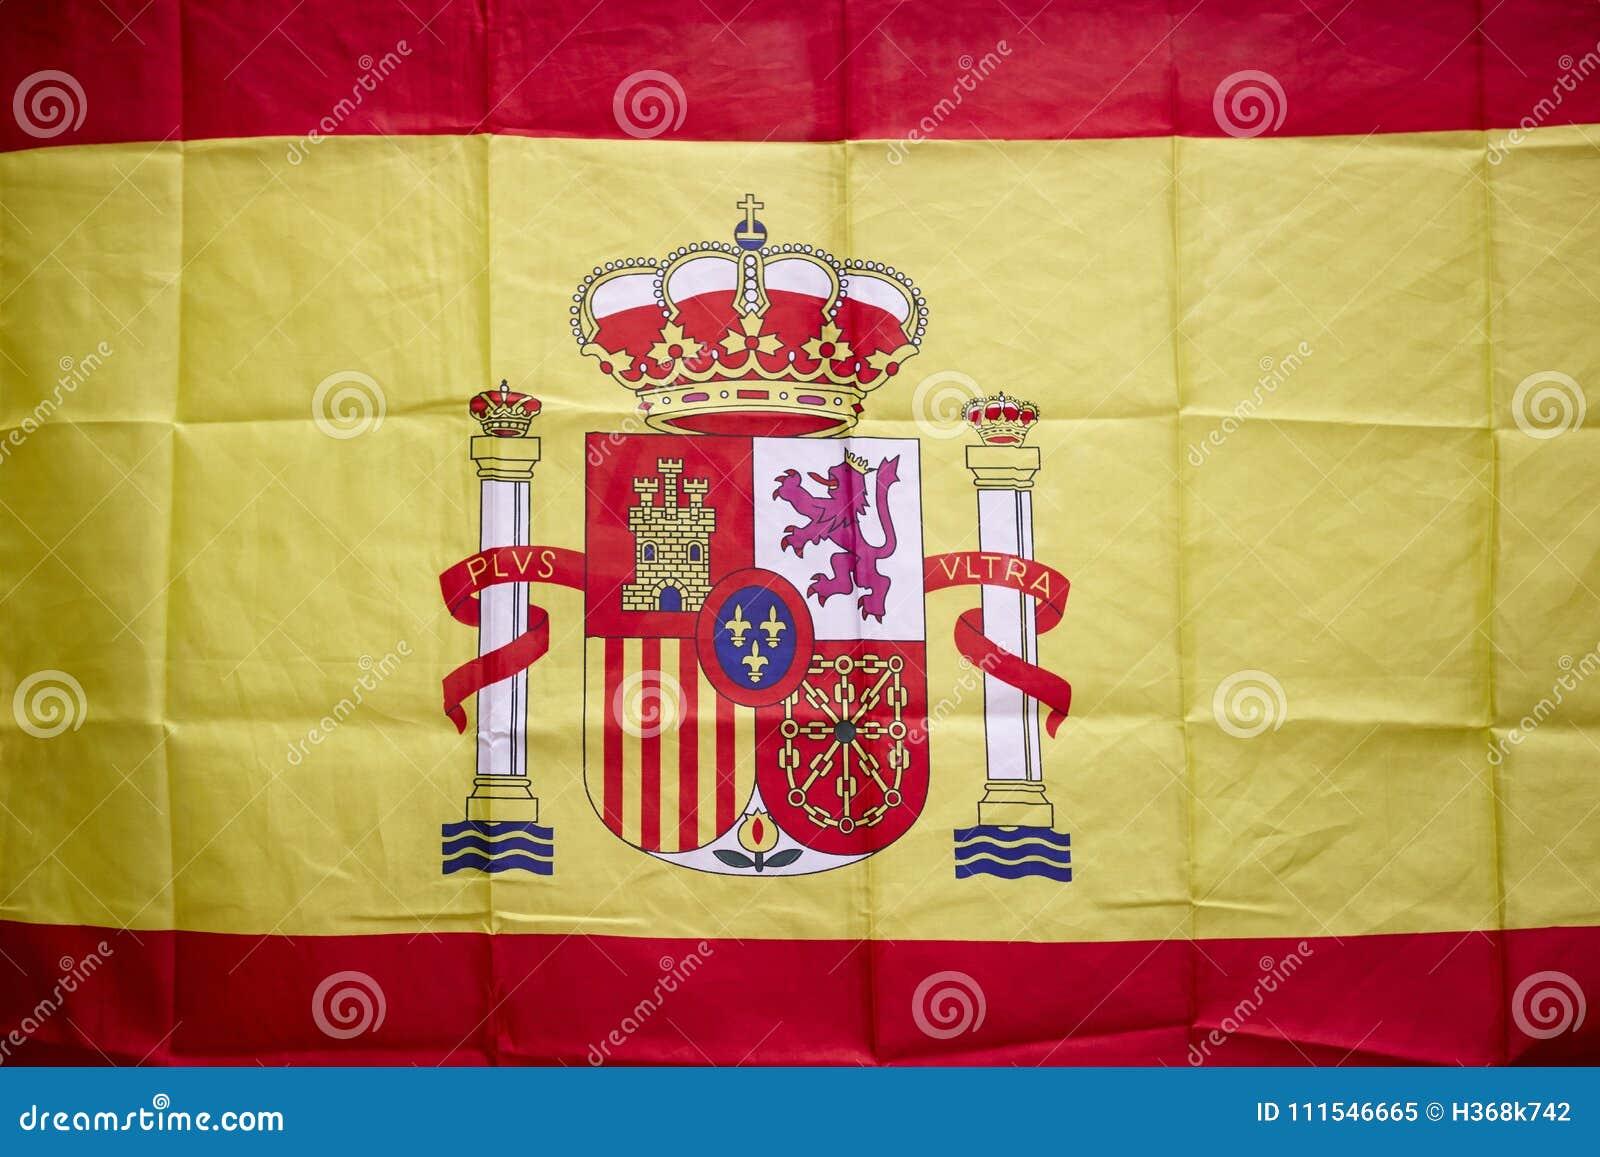 Bandera española con el escudo y la corona real Monarca constitucional